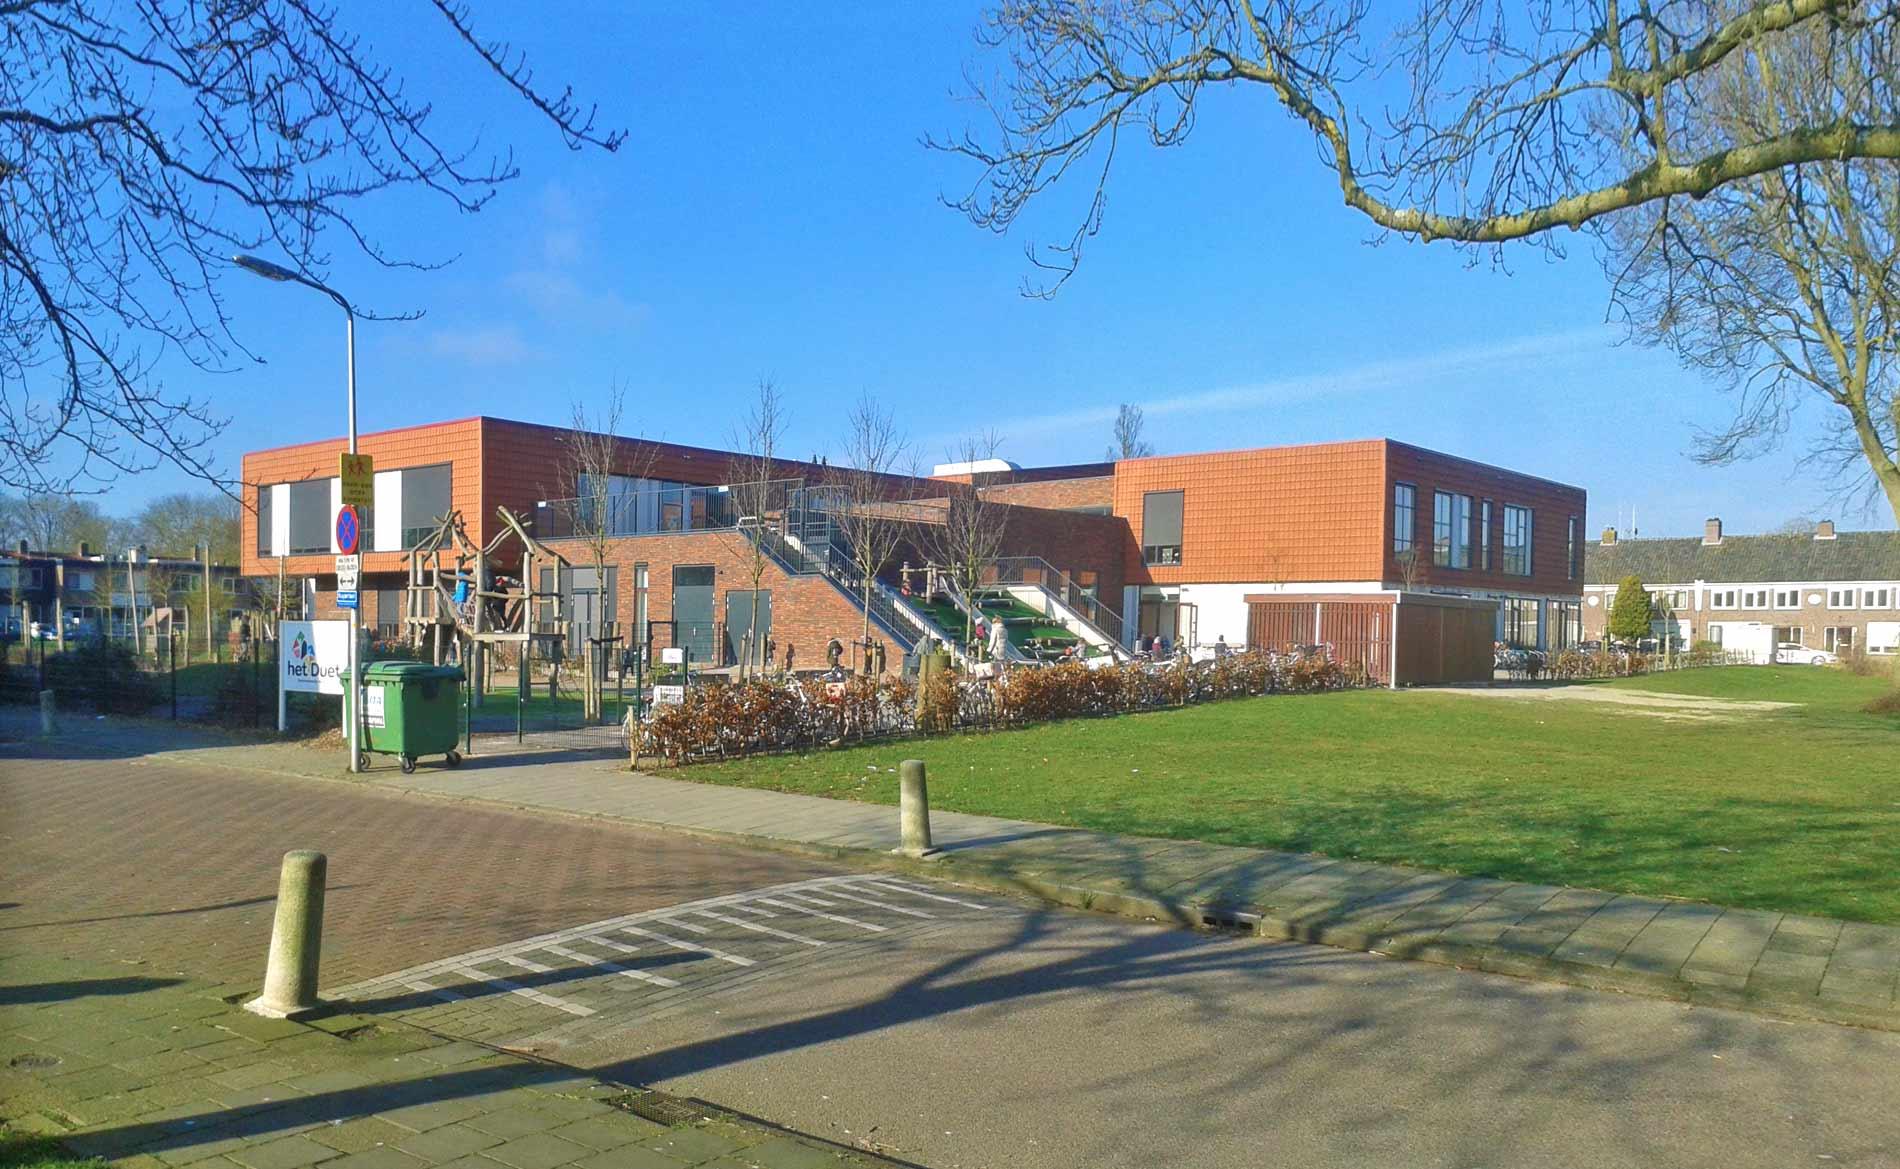 architect scholen basisonderwijs kinderdagveblijf BSO IKC Het Duet Uithoorn BBHD architecten Alkmaar